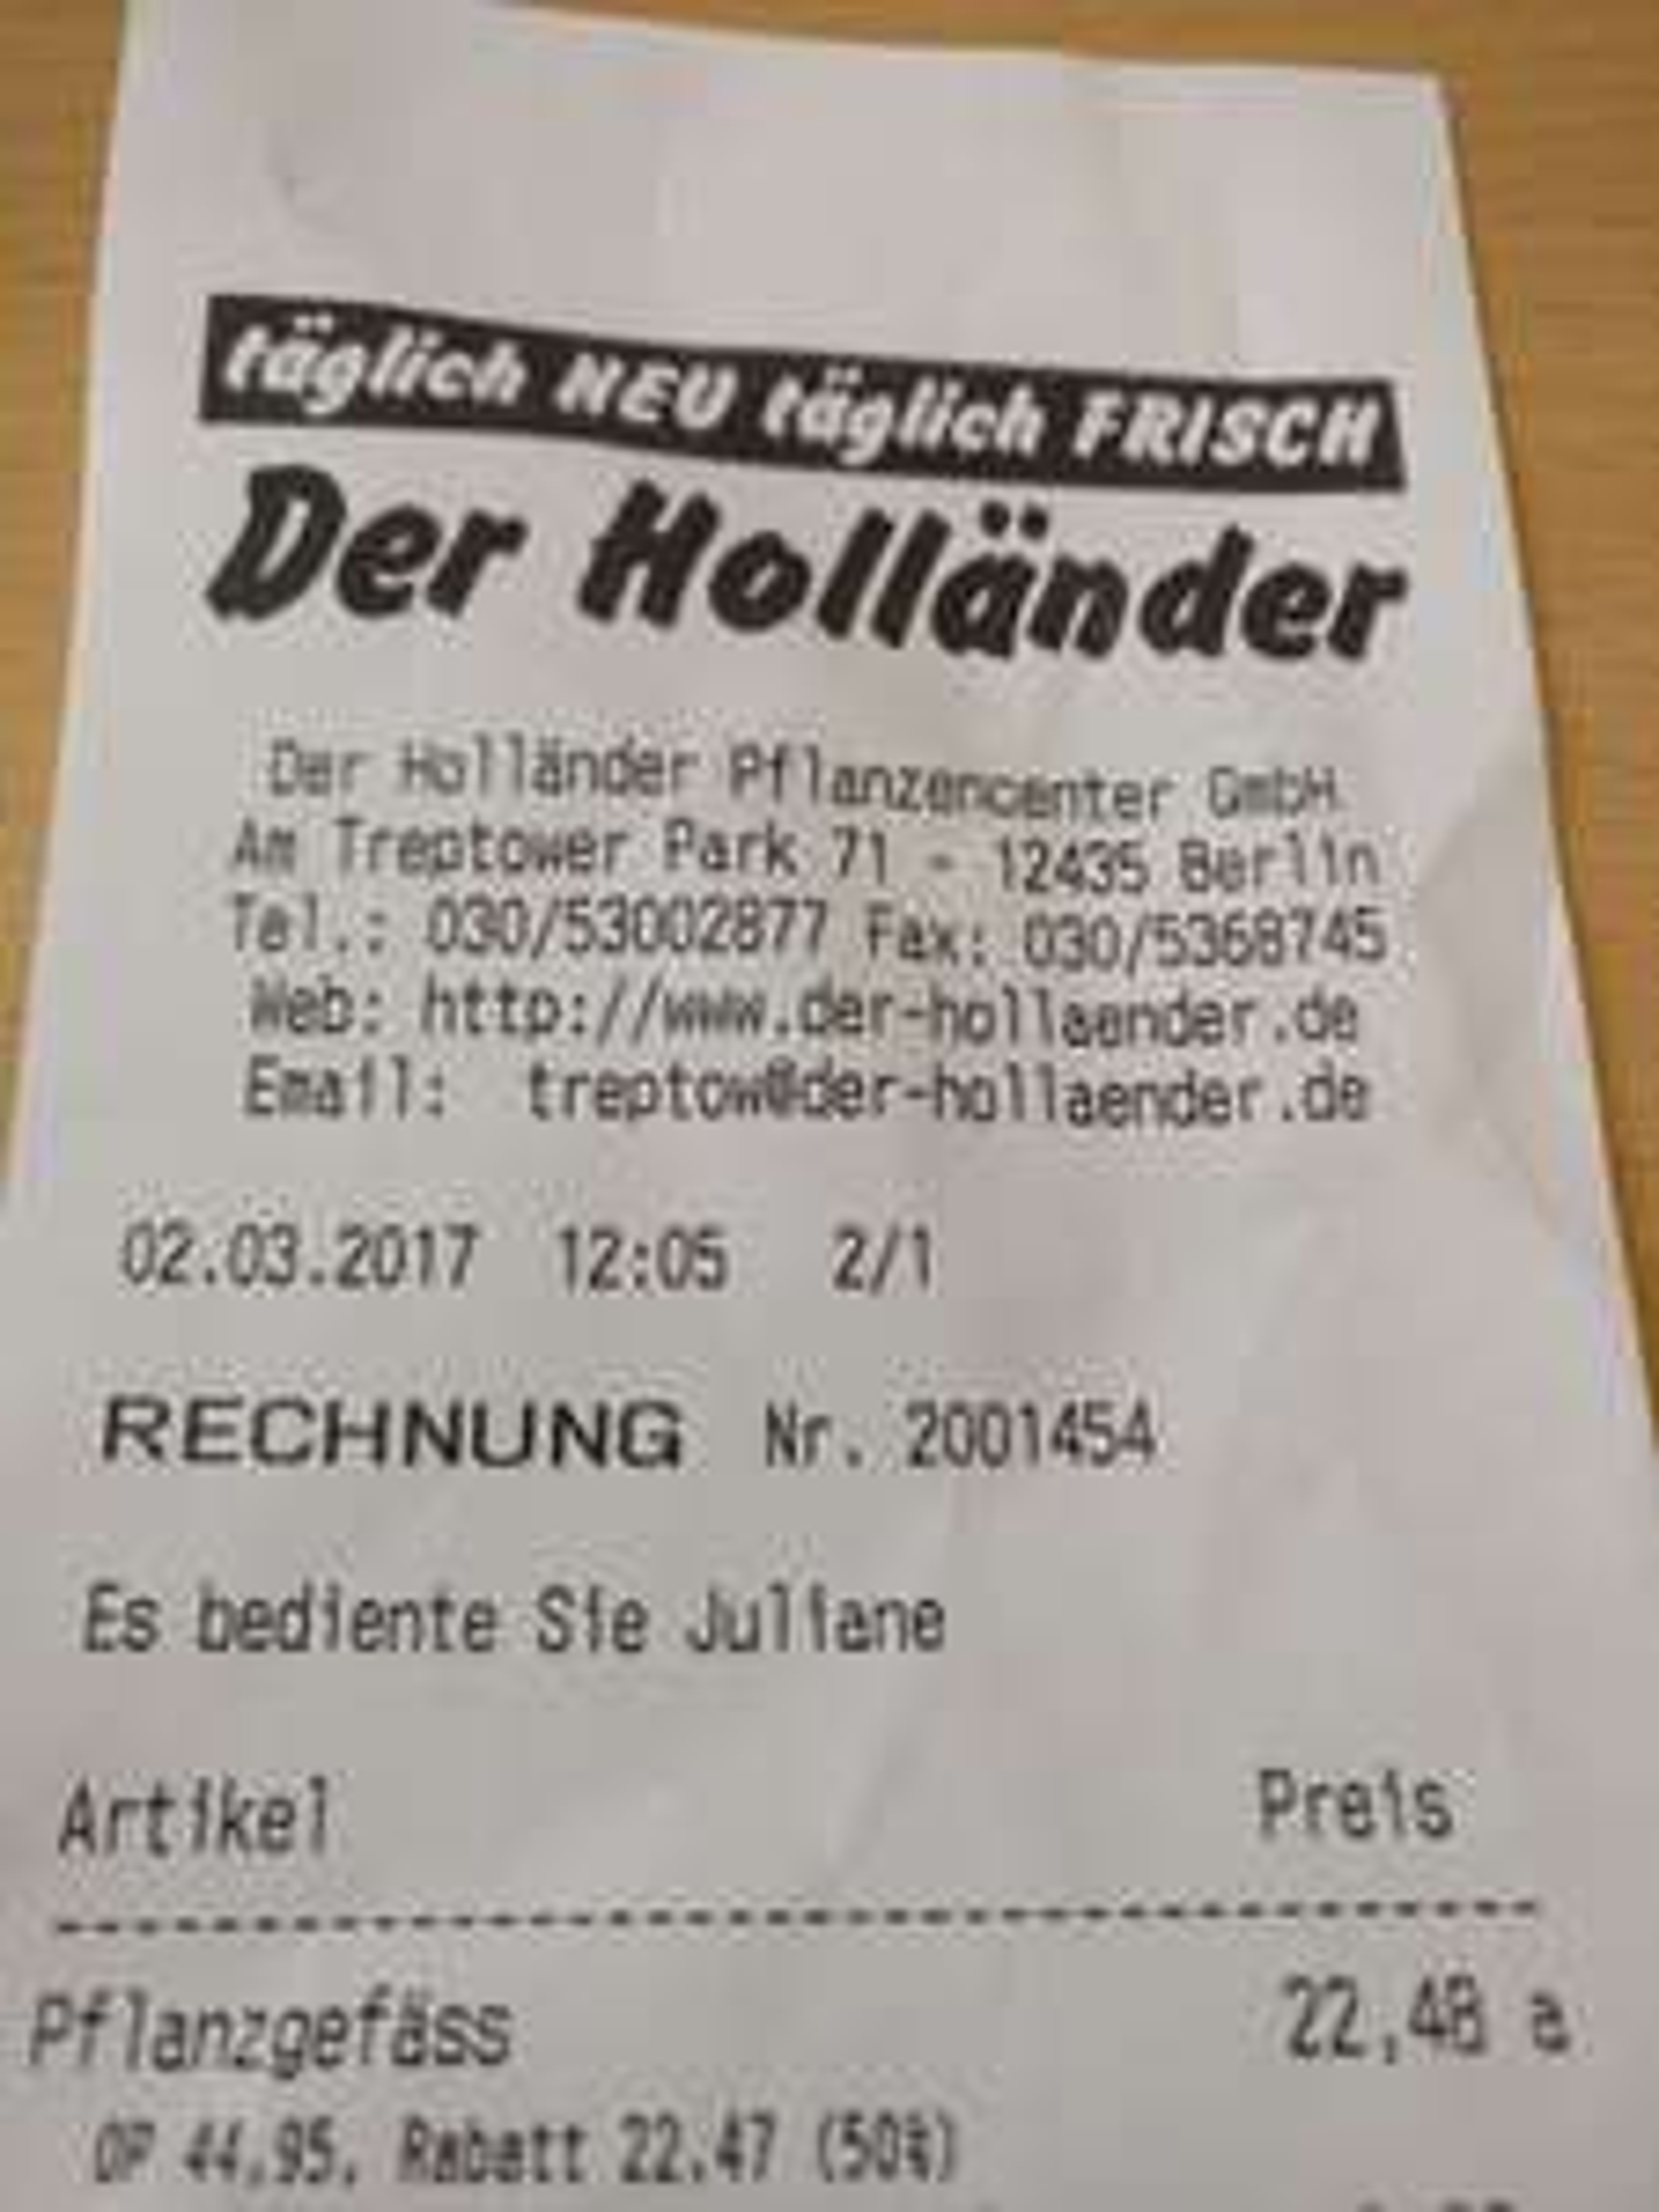 [Berlin lokal] Pflanzgefäße von KIRSCHKE 50% rabattiert bei DER HOLLÄNDER